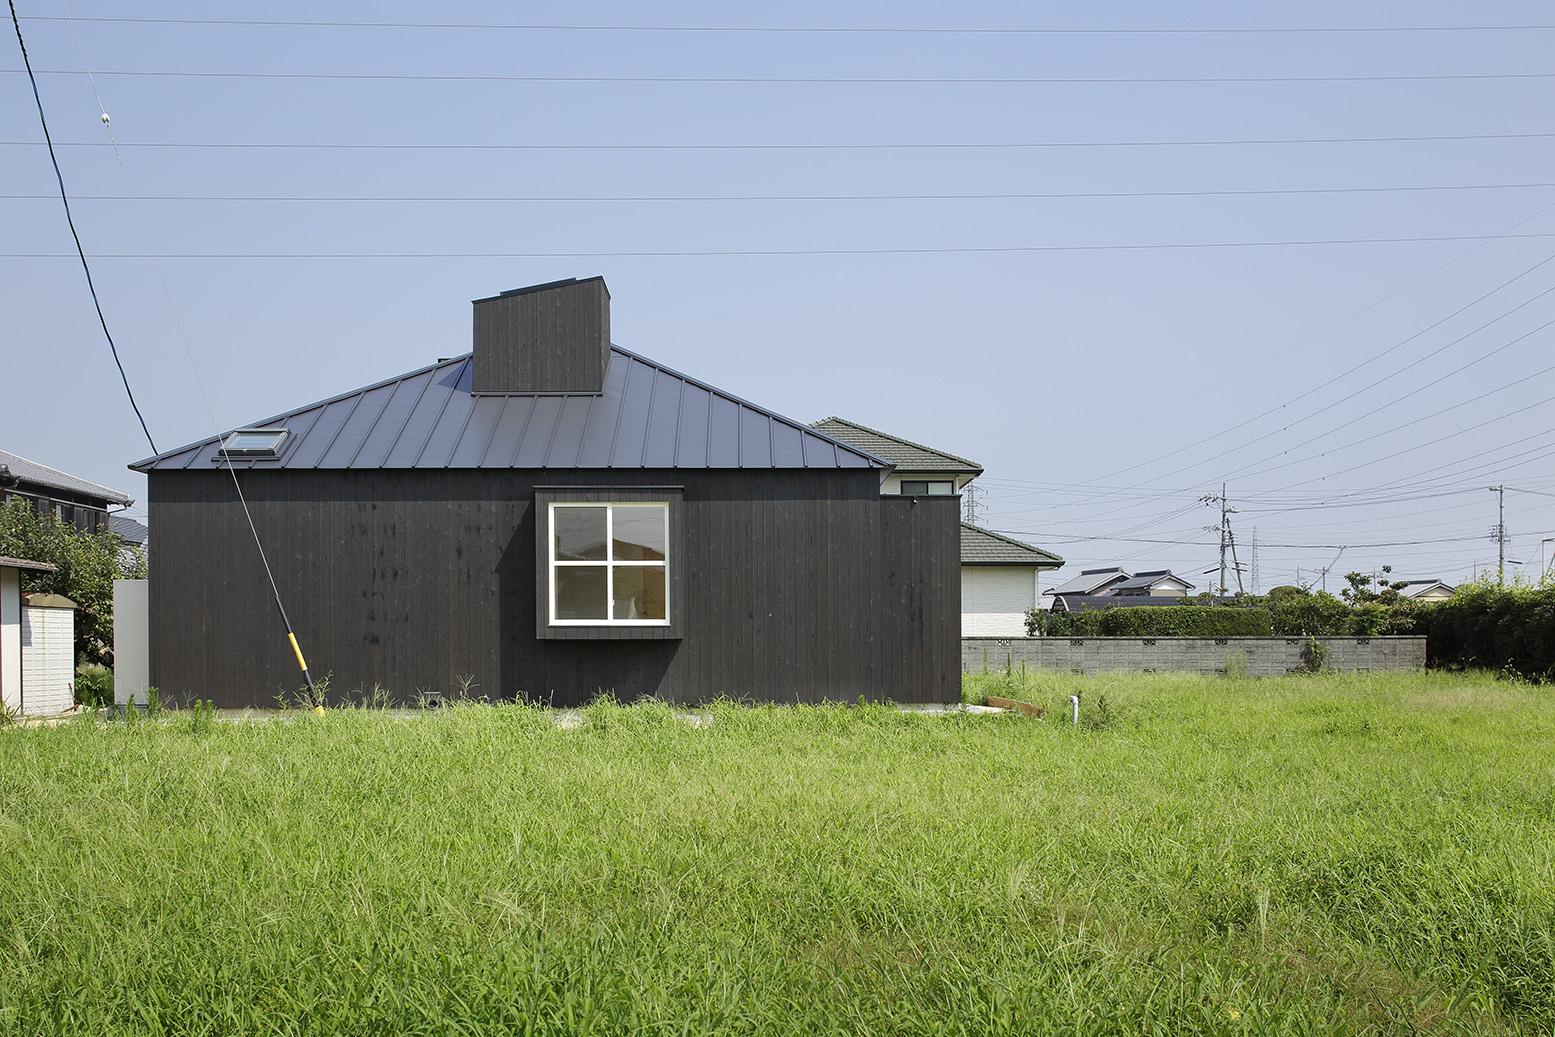 15_08_01_竣工写真(繁田諭)15_白と黒の家